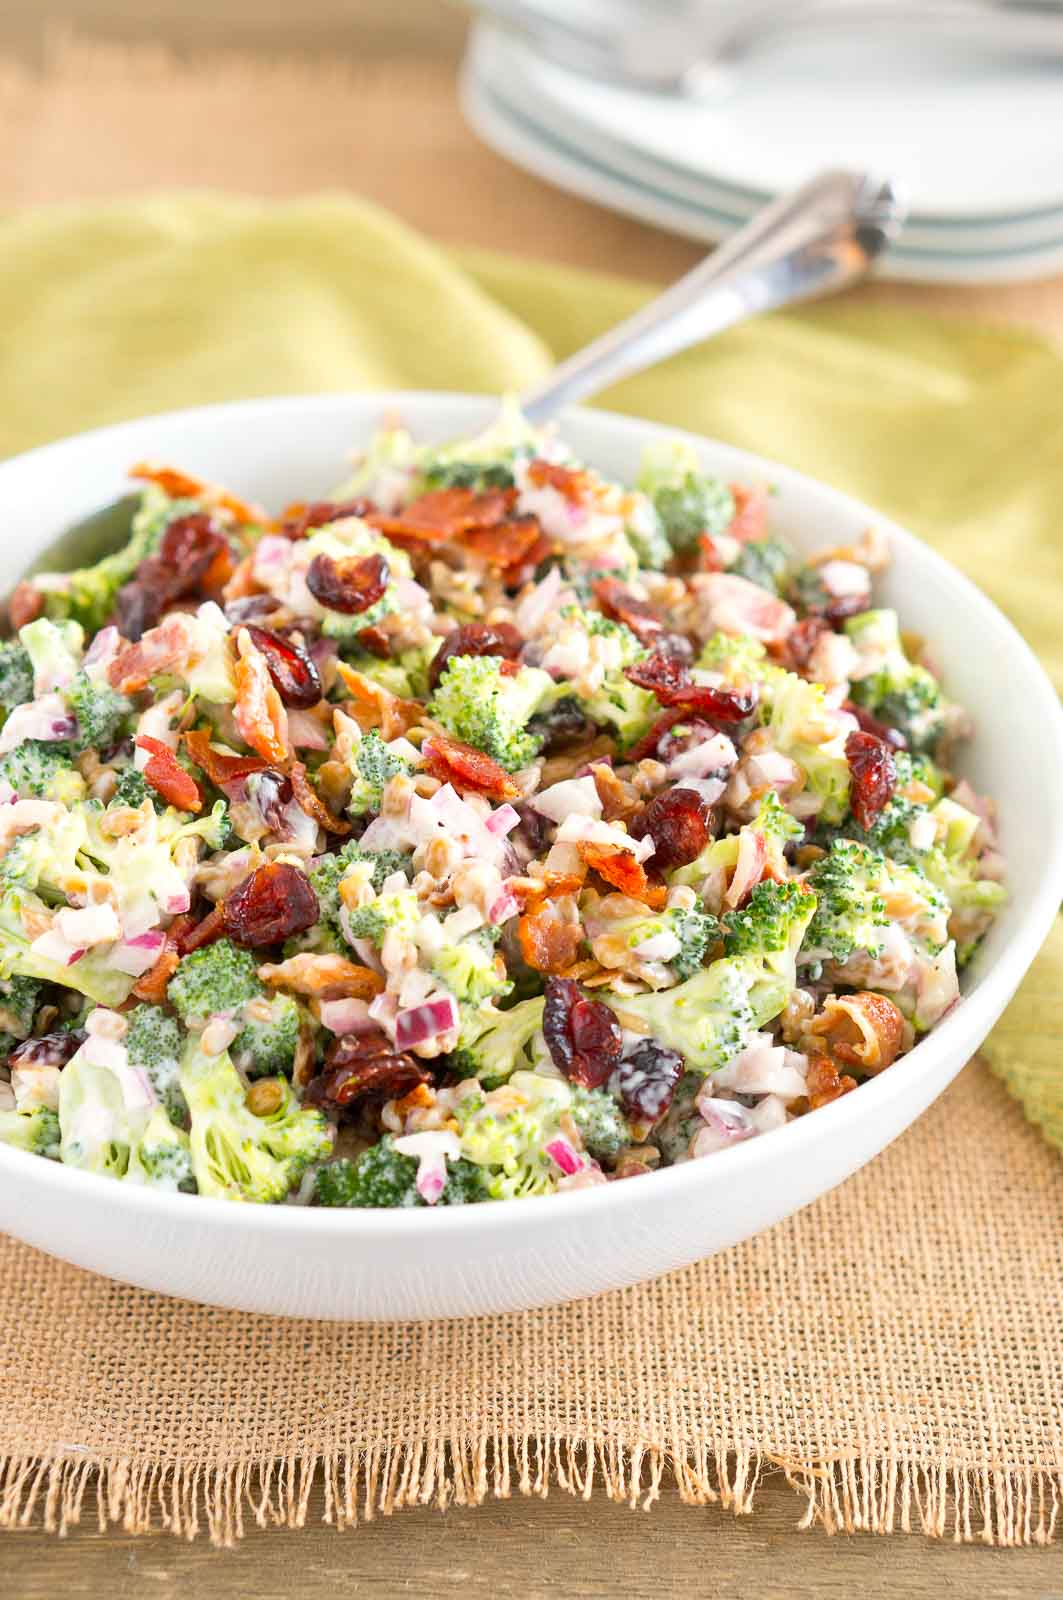 Broccoli Salad Recipe Easy And Flavorful Potluck Salad